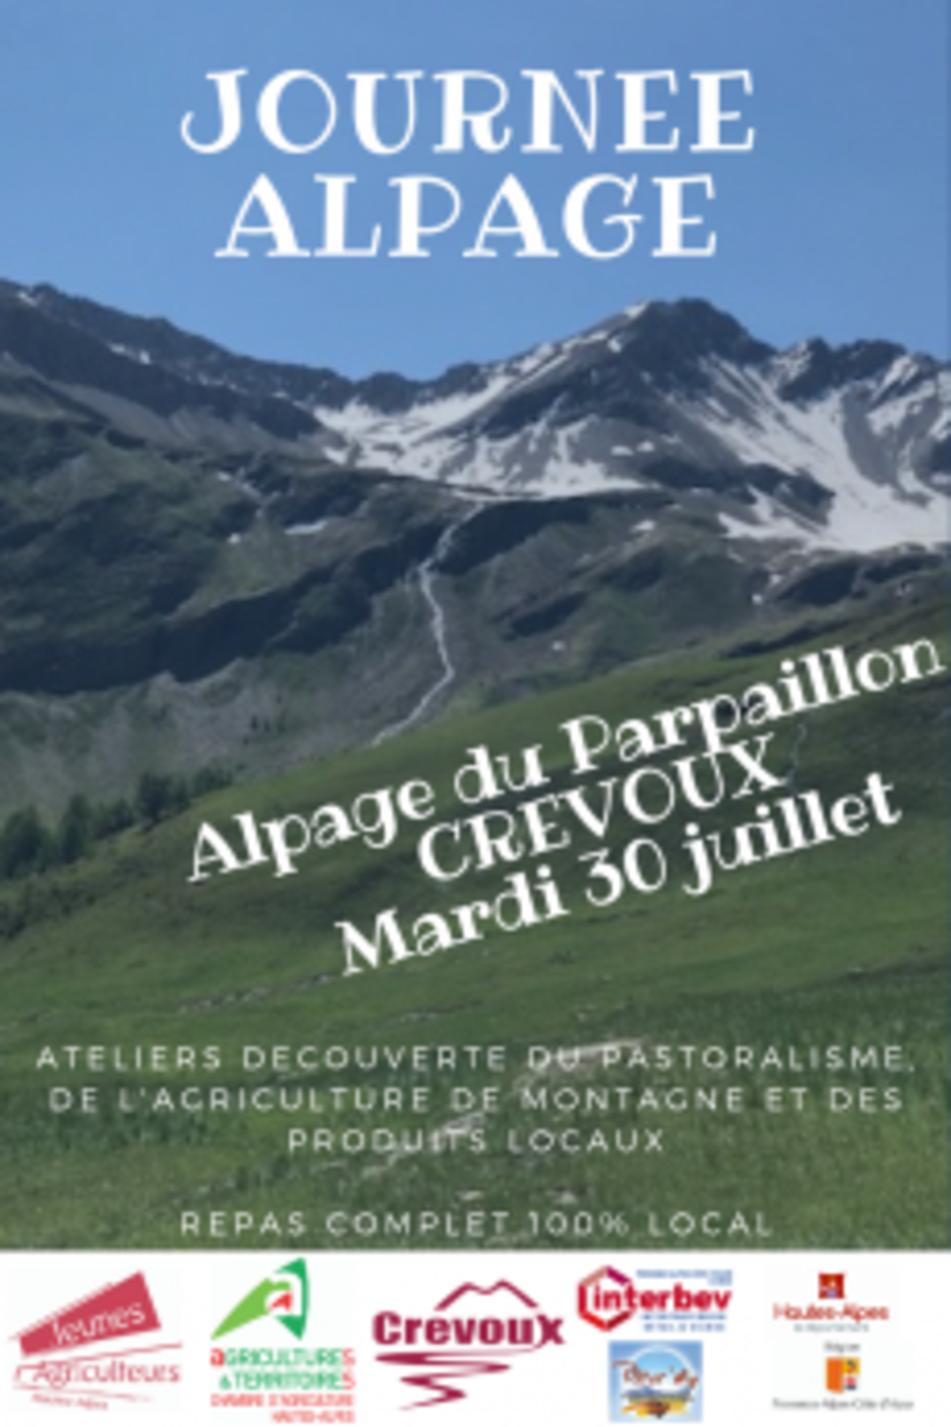 Une invitation à découvrir l'alpage bovin à Crévoux